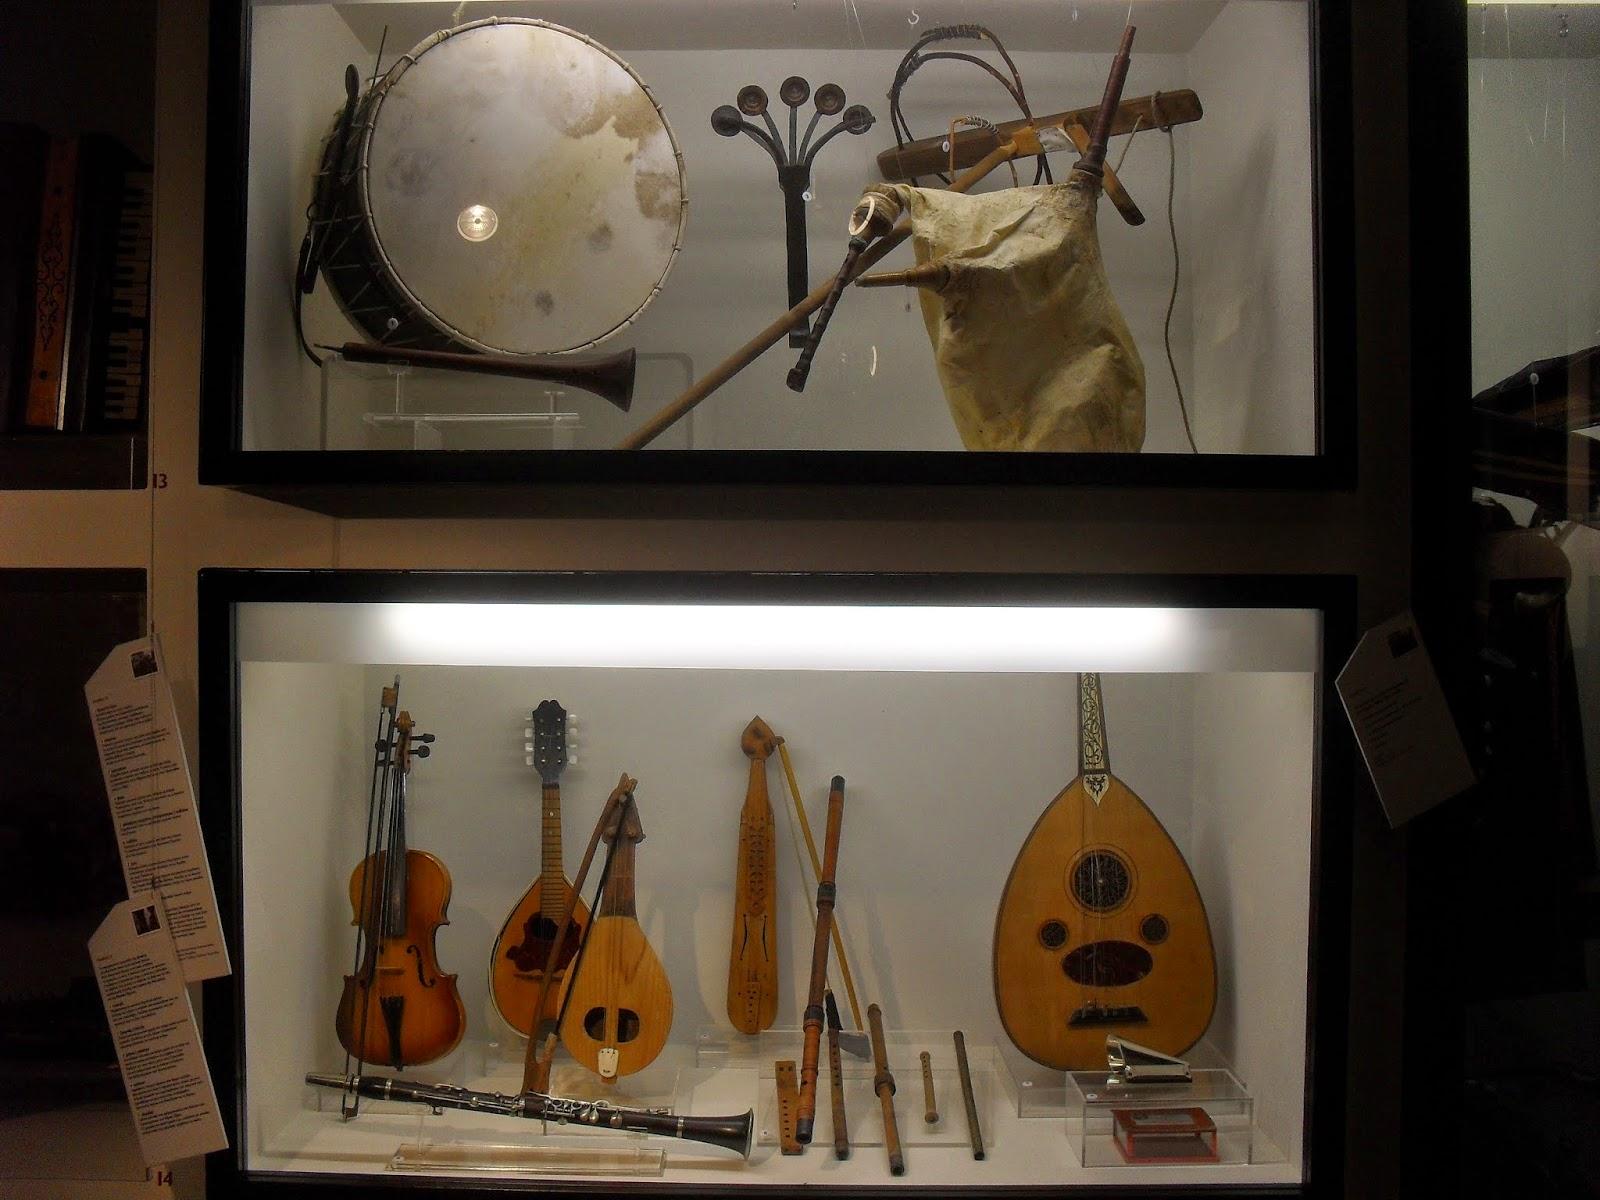 Αφιέρωμα στο Ιστορικό - Λαογραφικό Μουσείο Νέας Ορεστιάδας Έβρου